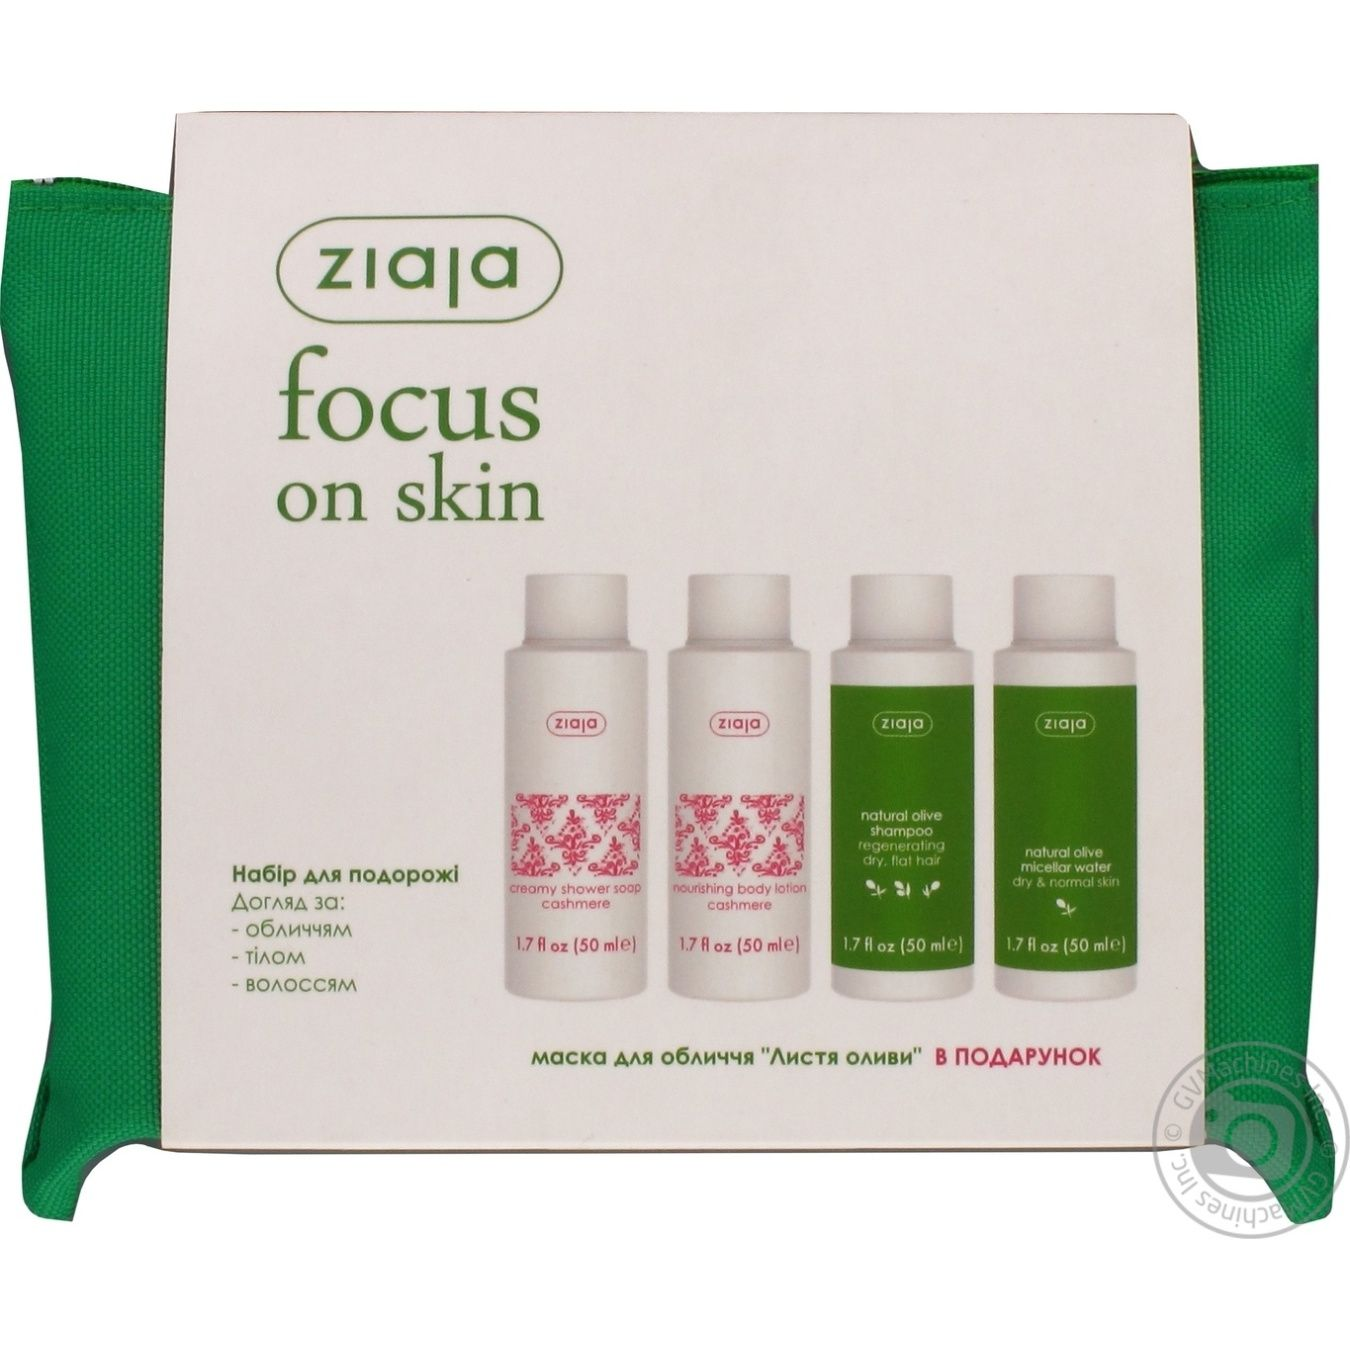 Набір для подорожі Ziaja 207мл → Гигиена → Подарочный набор ... 9f59a7706461c